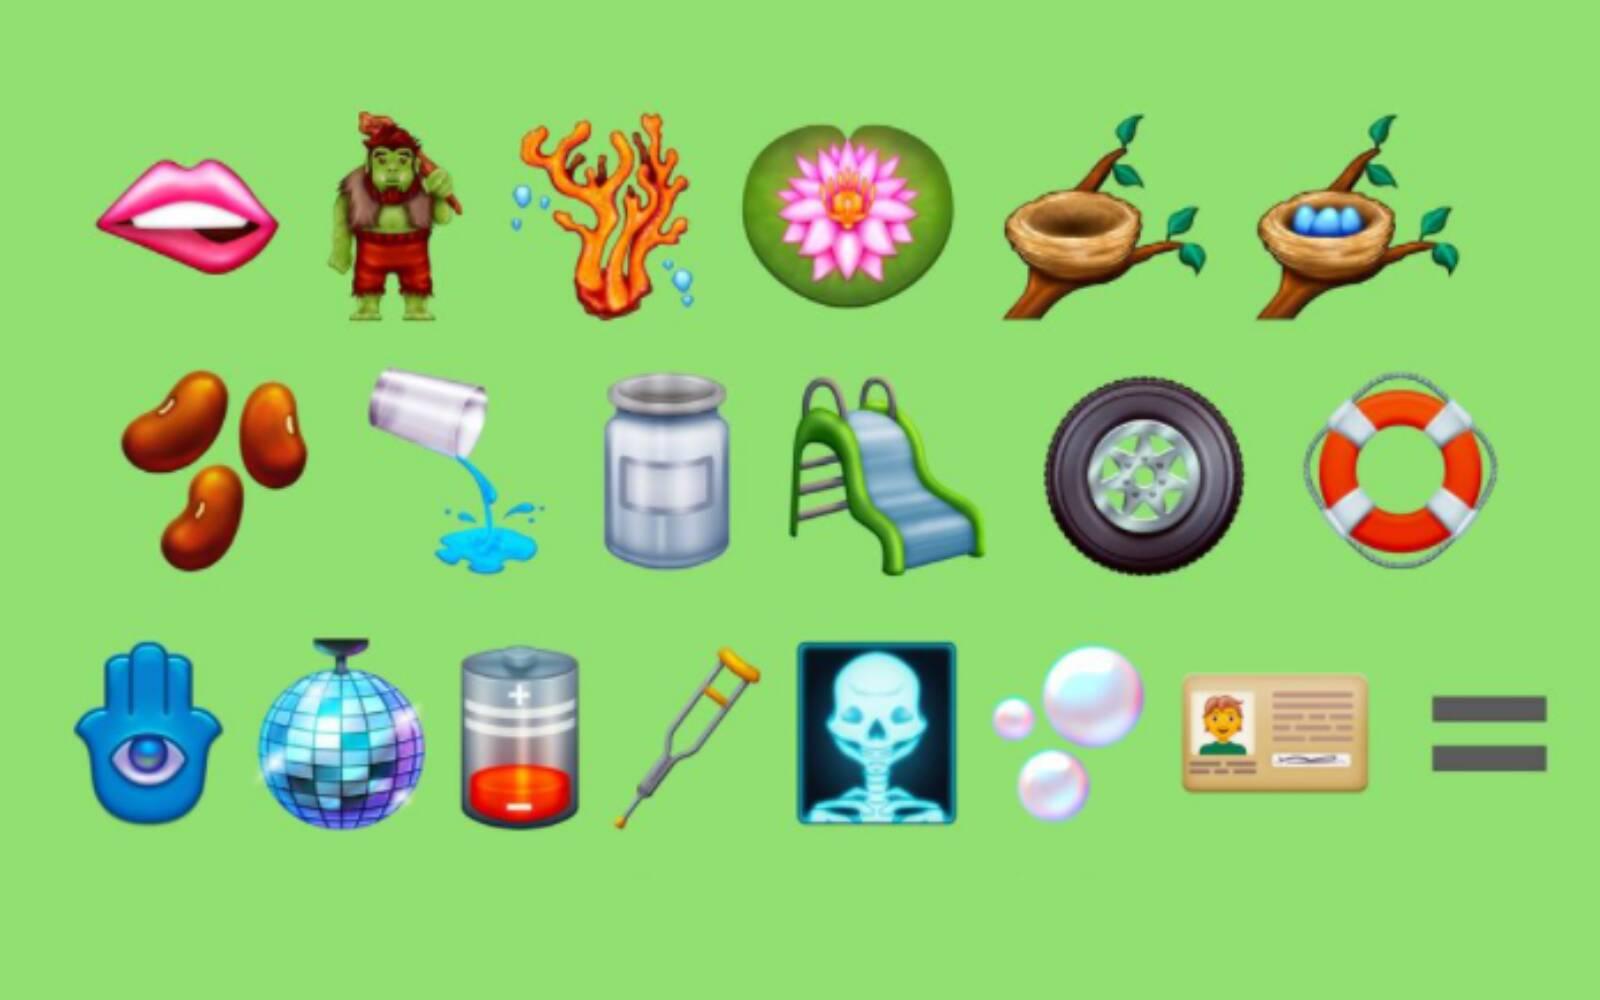 Novos emojis. Foto: Divulgação/Emojipedia